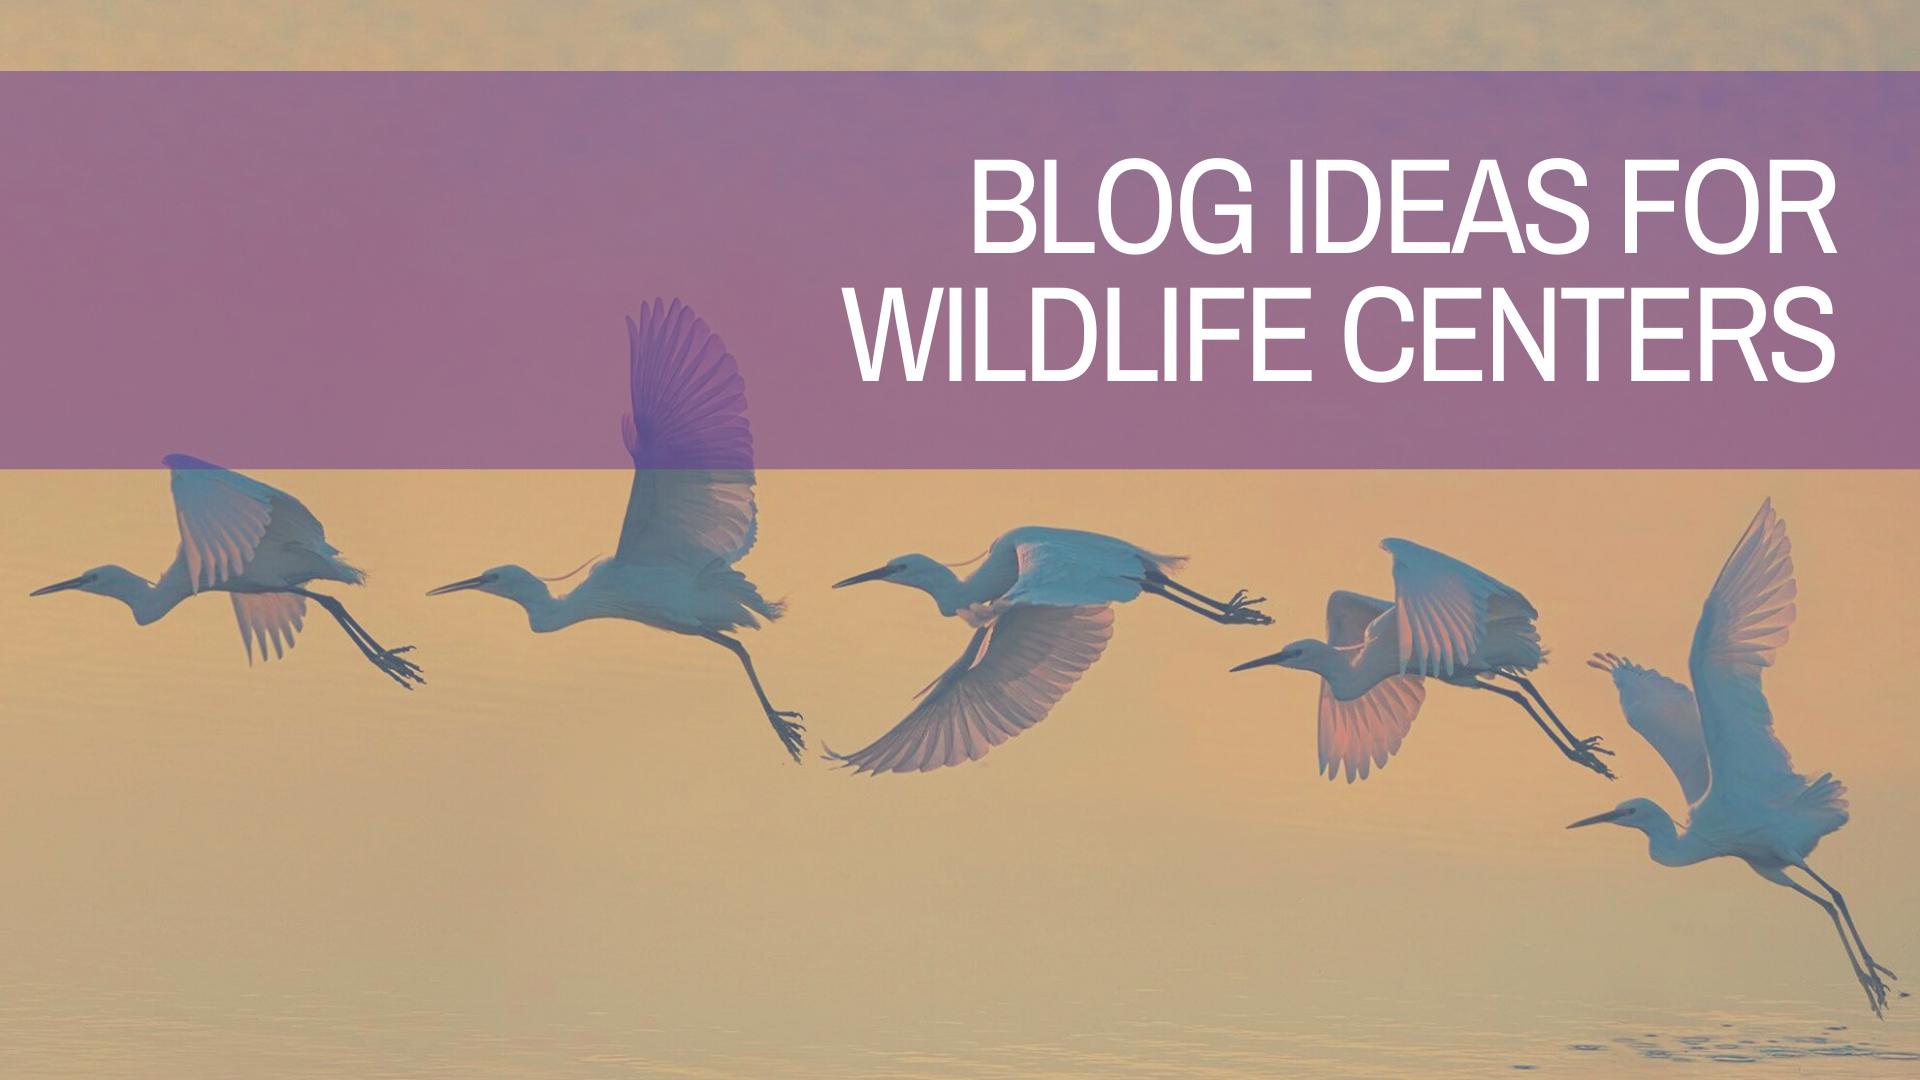 Blog Ideas for Wildlife Centers | Amplihigher